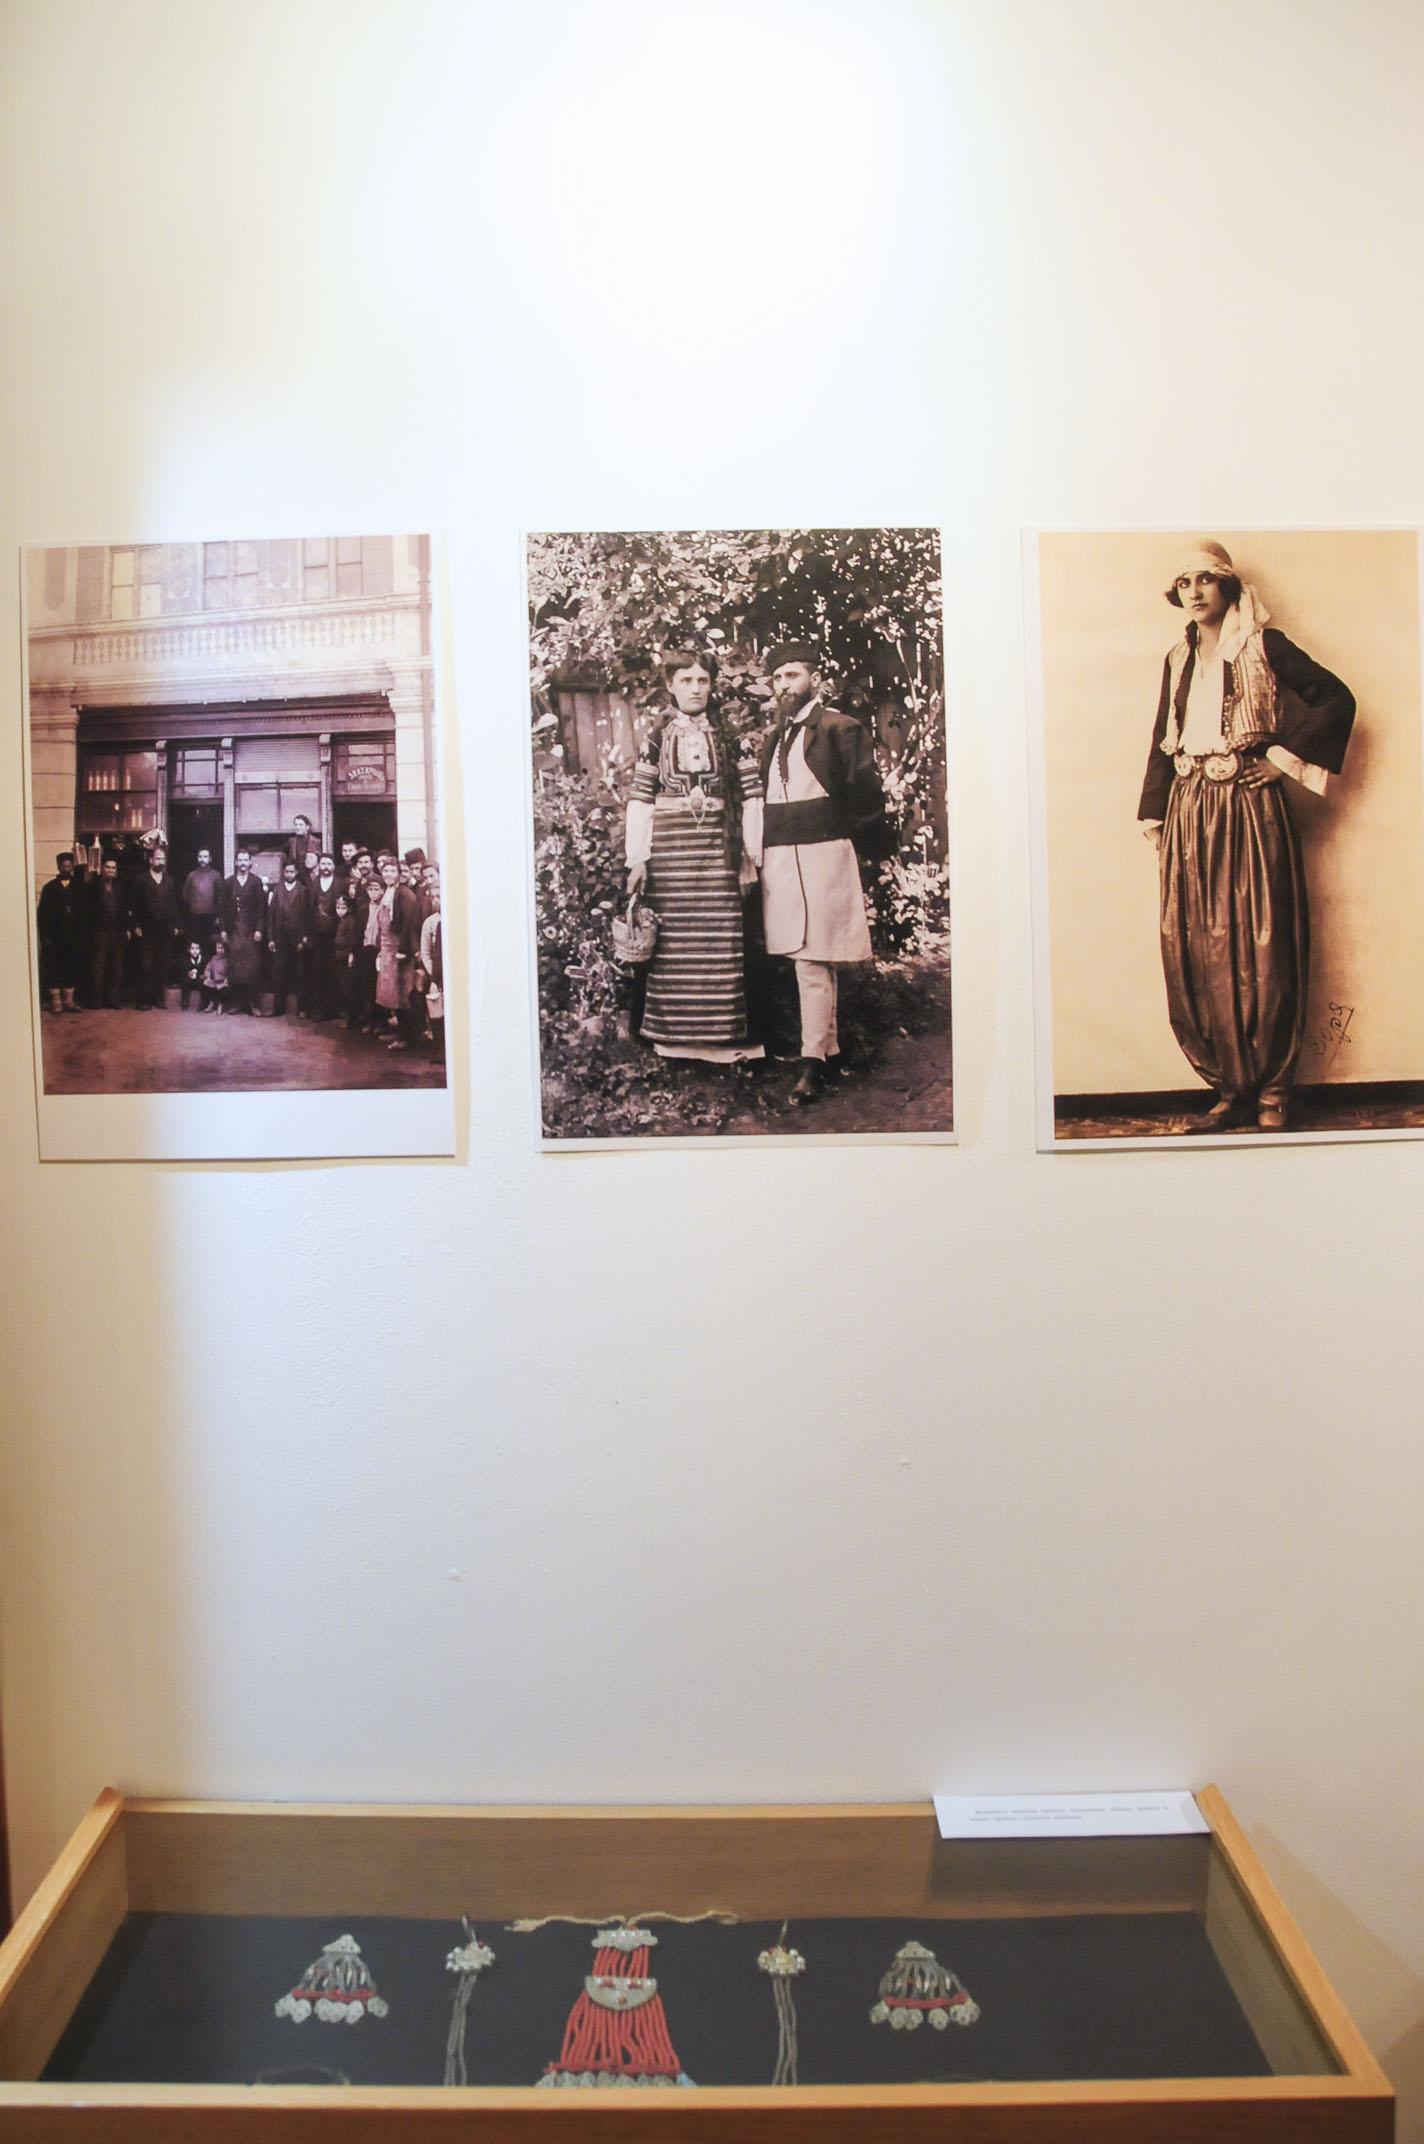 troyan-museum-bylgarsko-zlatarsko-izkustvo-31